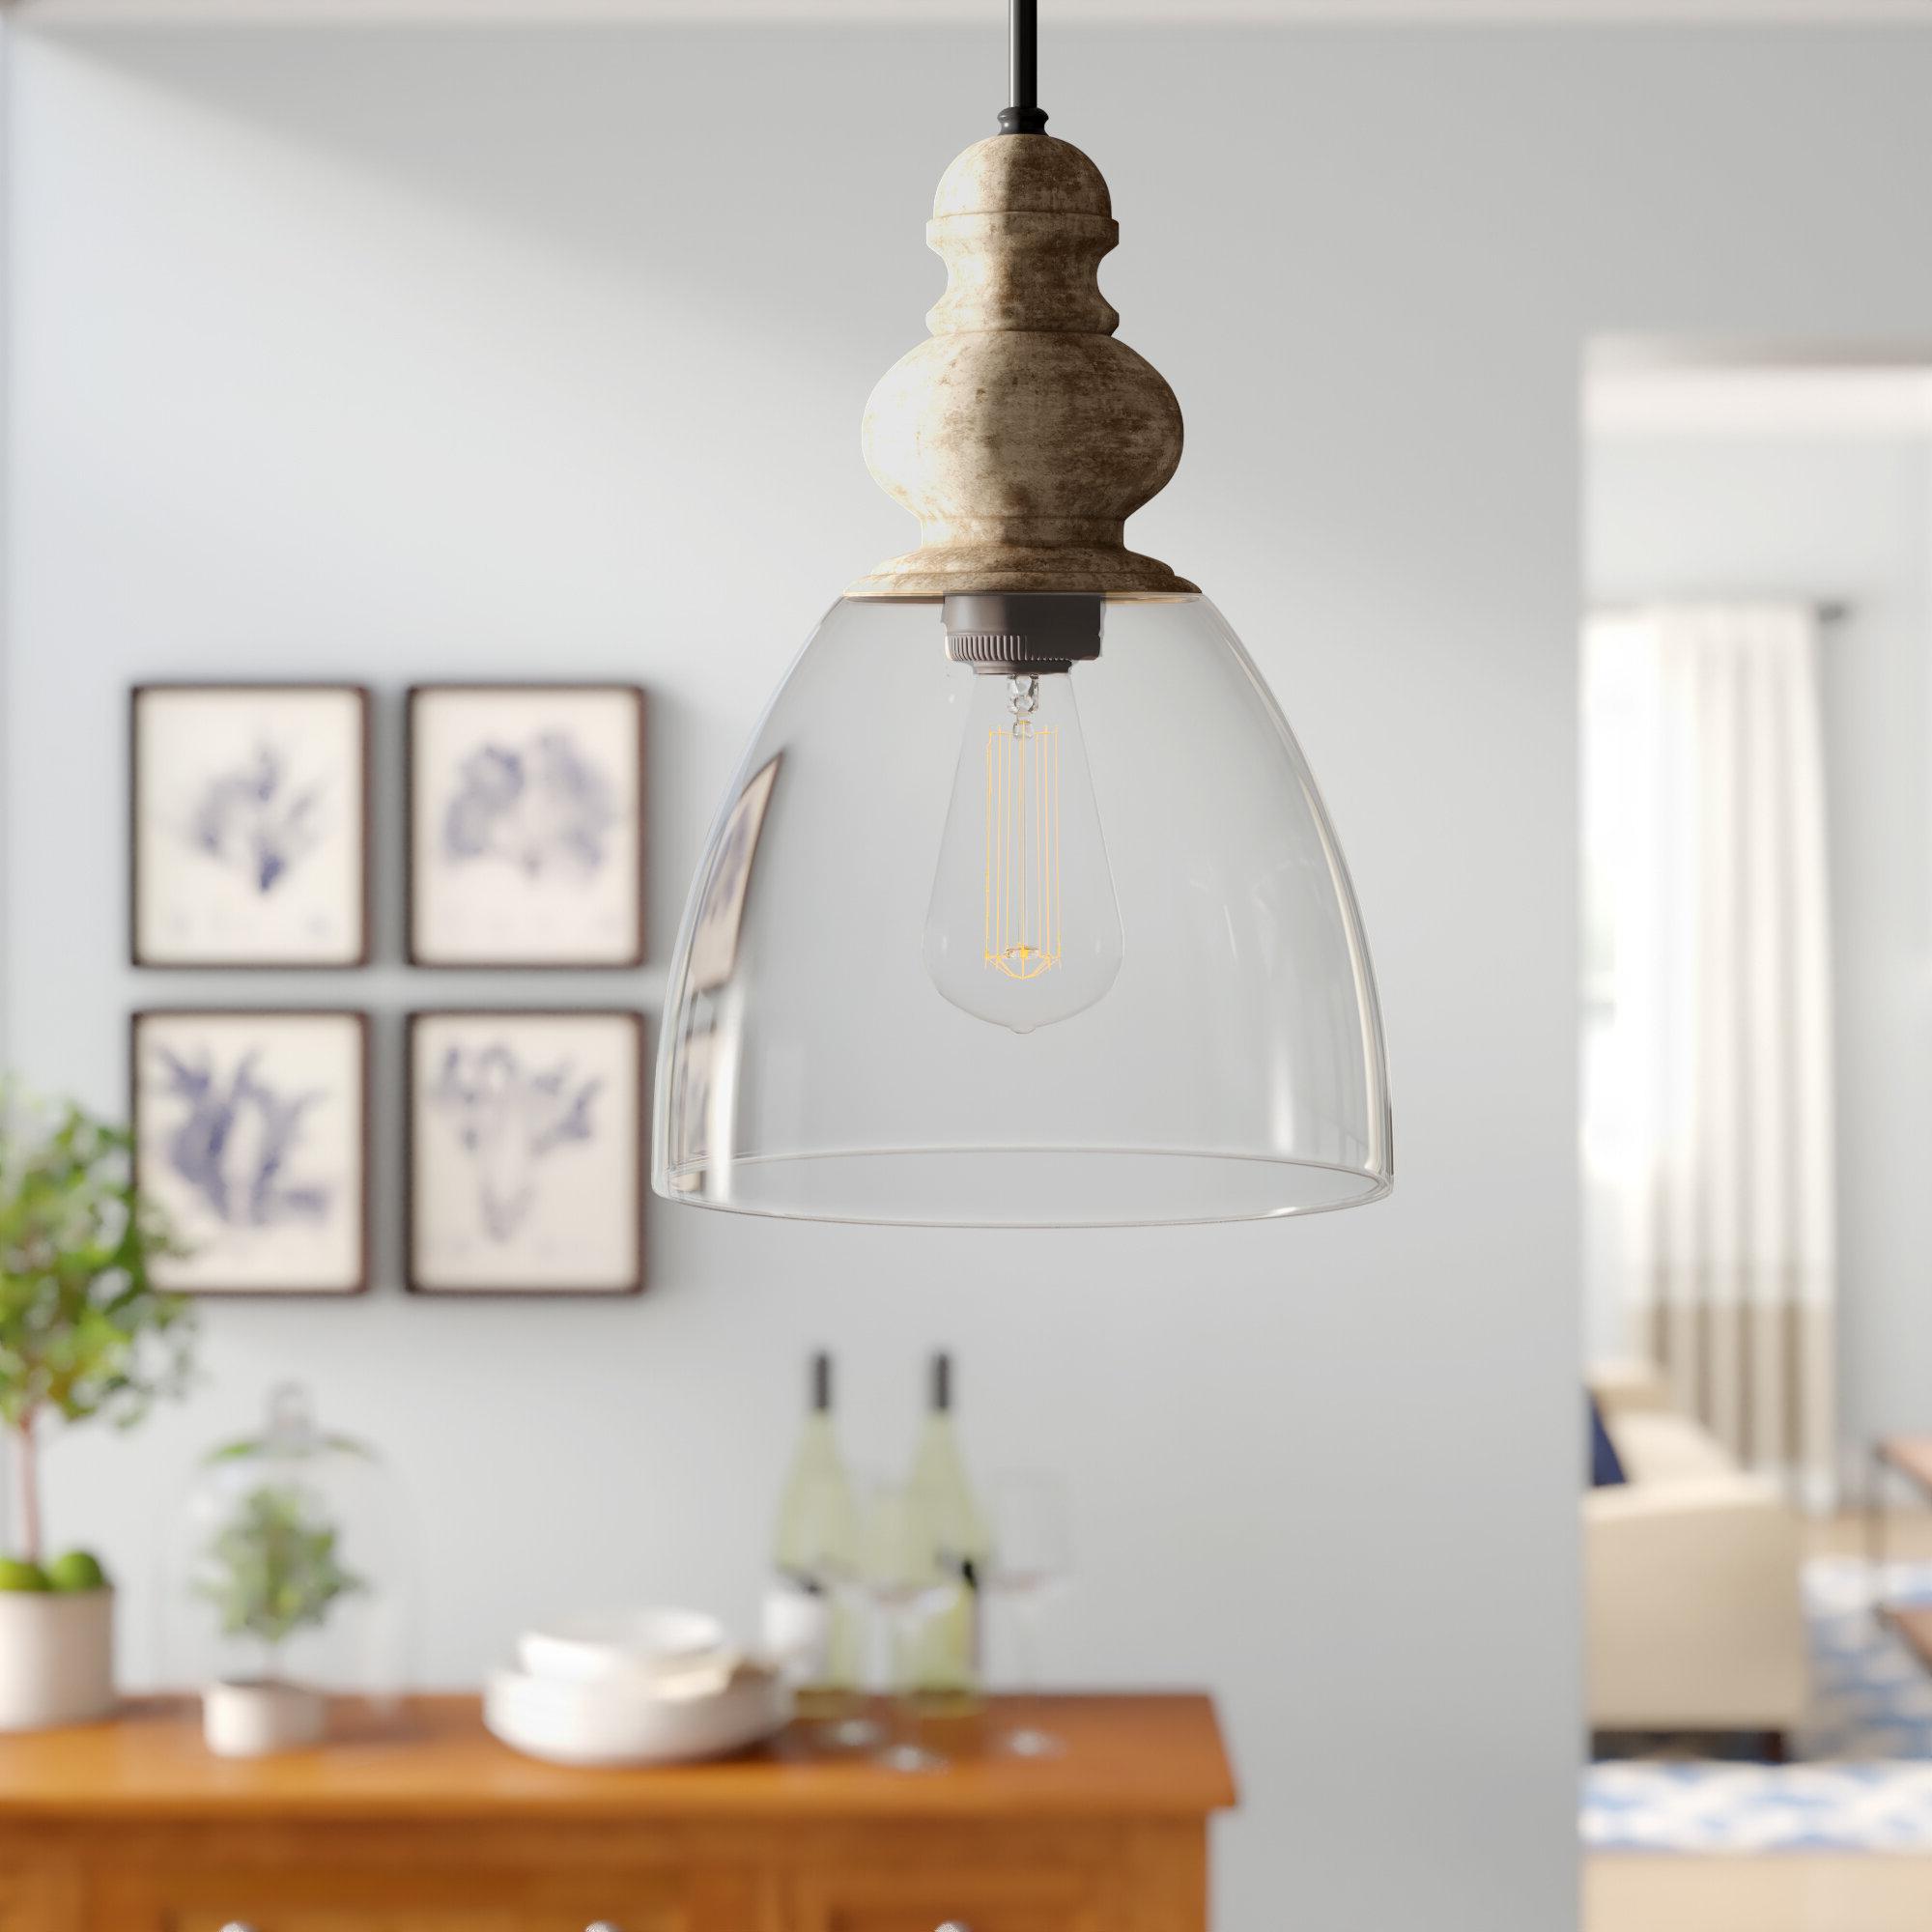 Popular Laurel Foundry Modern Farmhouse Lemelle 1 Light Single Bell Pendant Inside Terry 1 Light Single Bell Pendants (View 3 of 25)